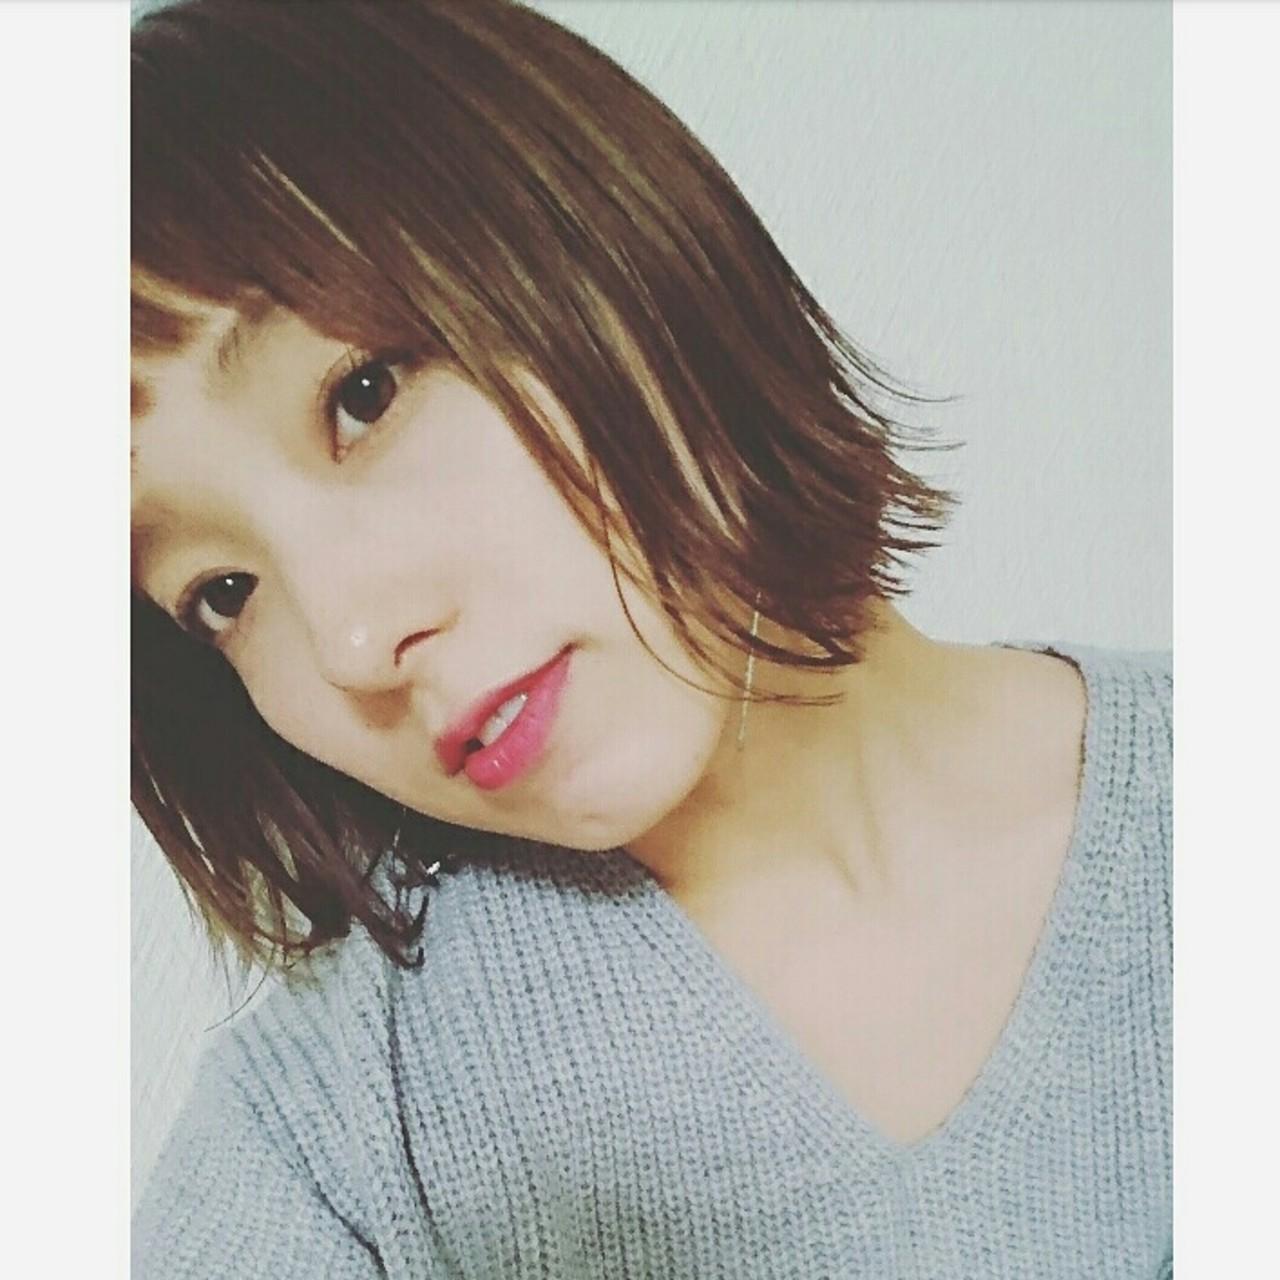 切りっぱなし ナチュラル 色気 オン眉 ヘアスタイルや髪型の写真・画像 | asuka /